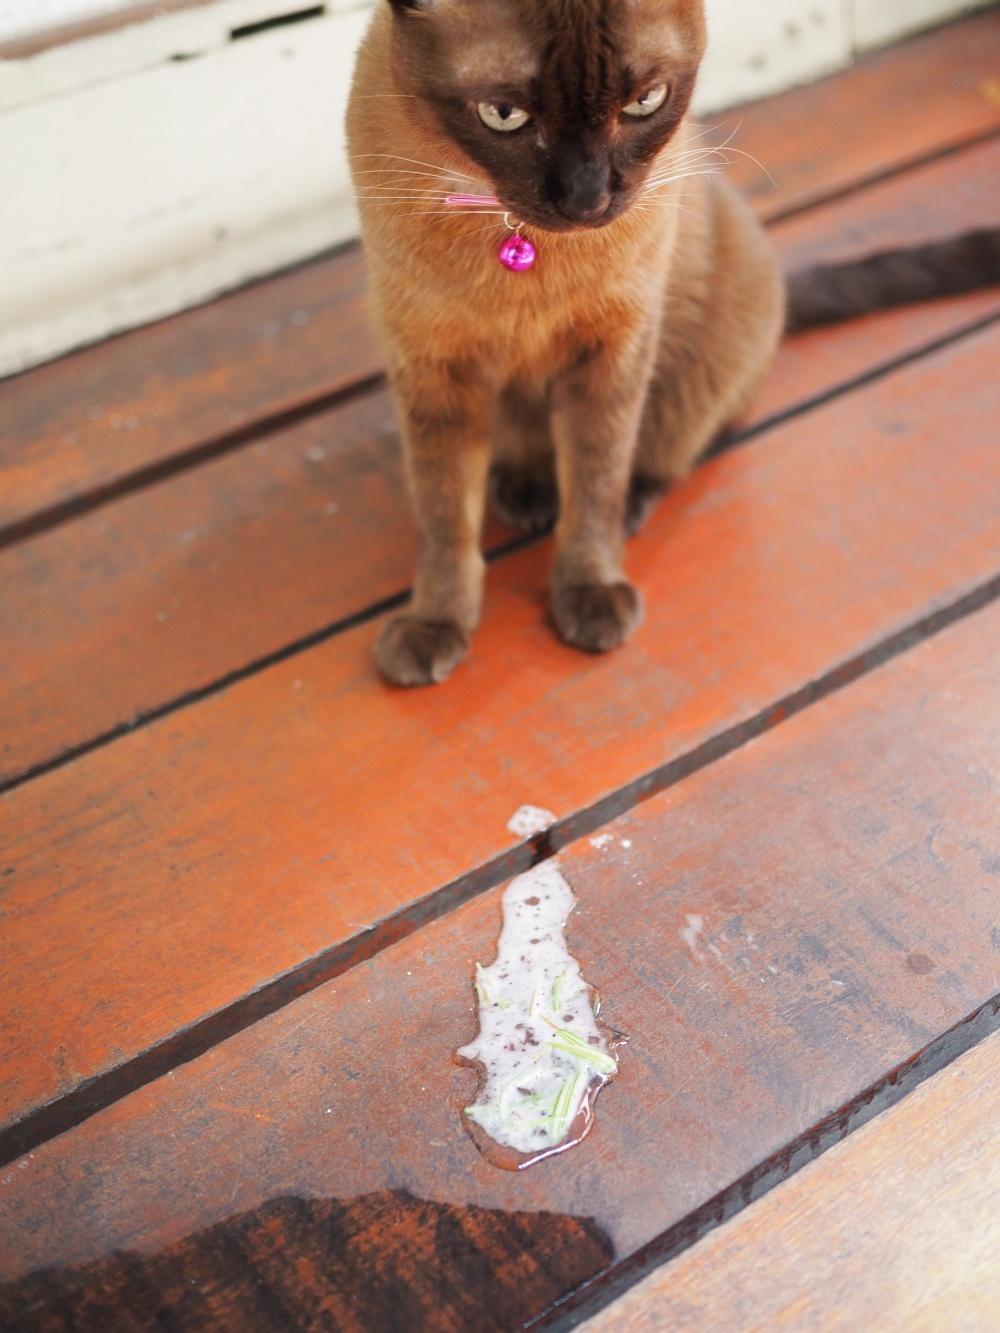 Почему у котенка изо рта сильно пахнет, что делать: причины появления неприятного запаха из кошачьей пасти